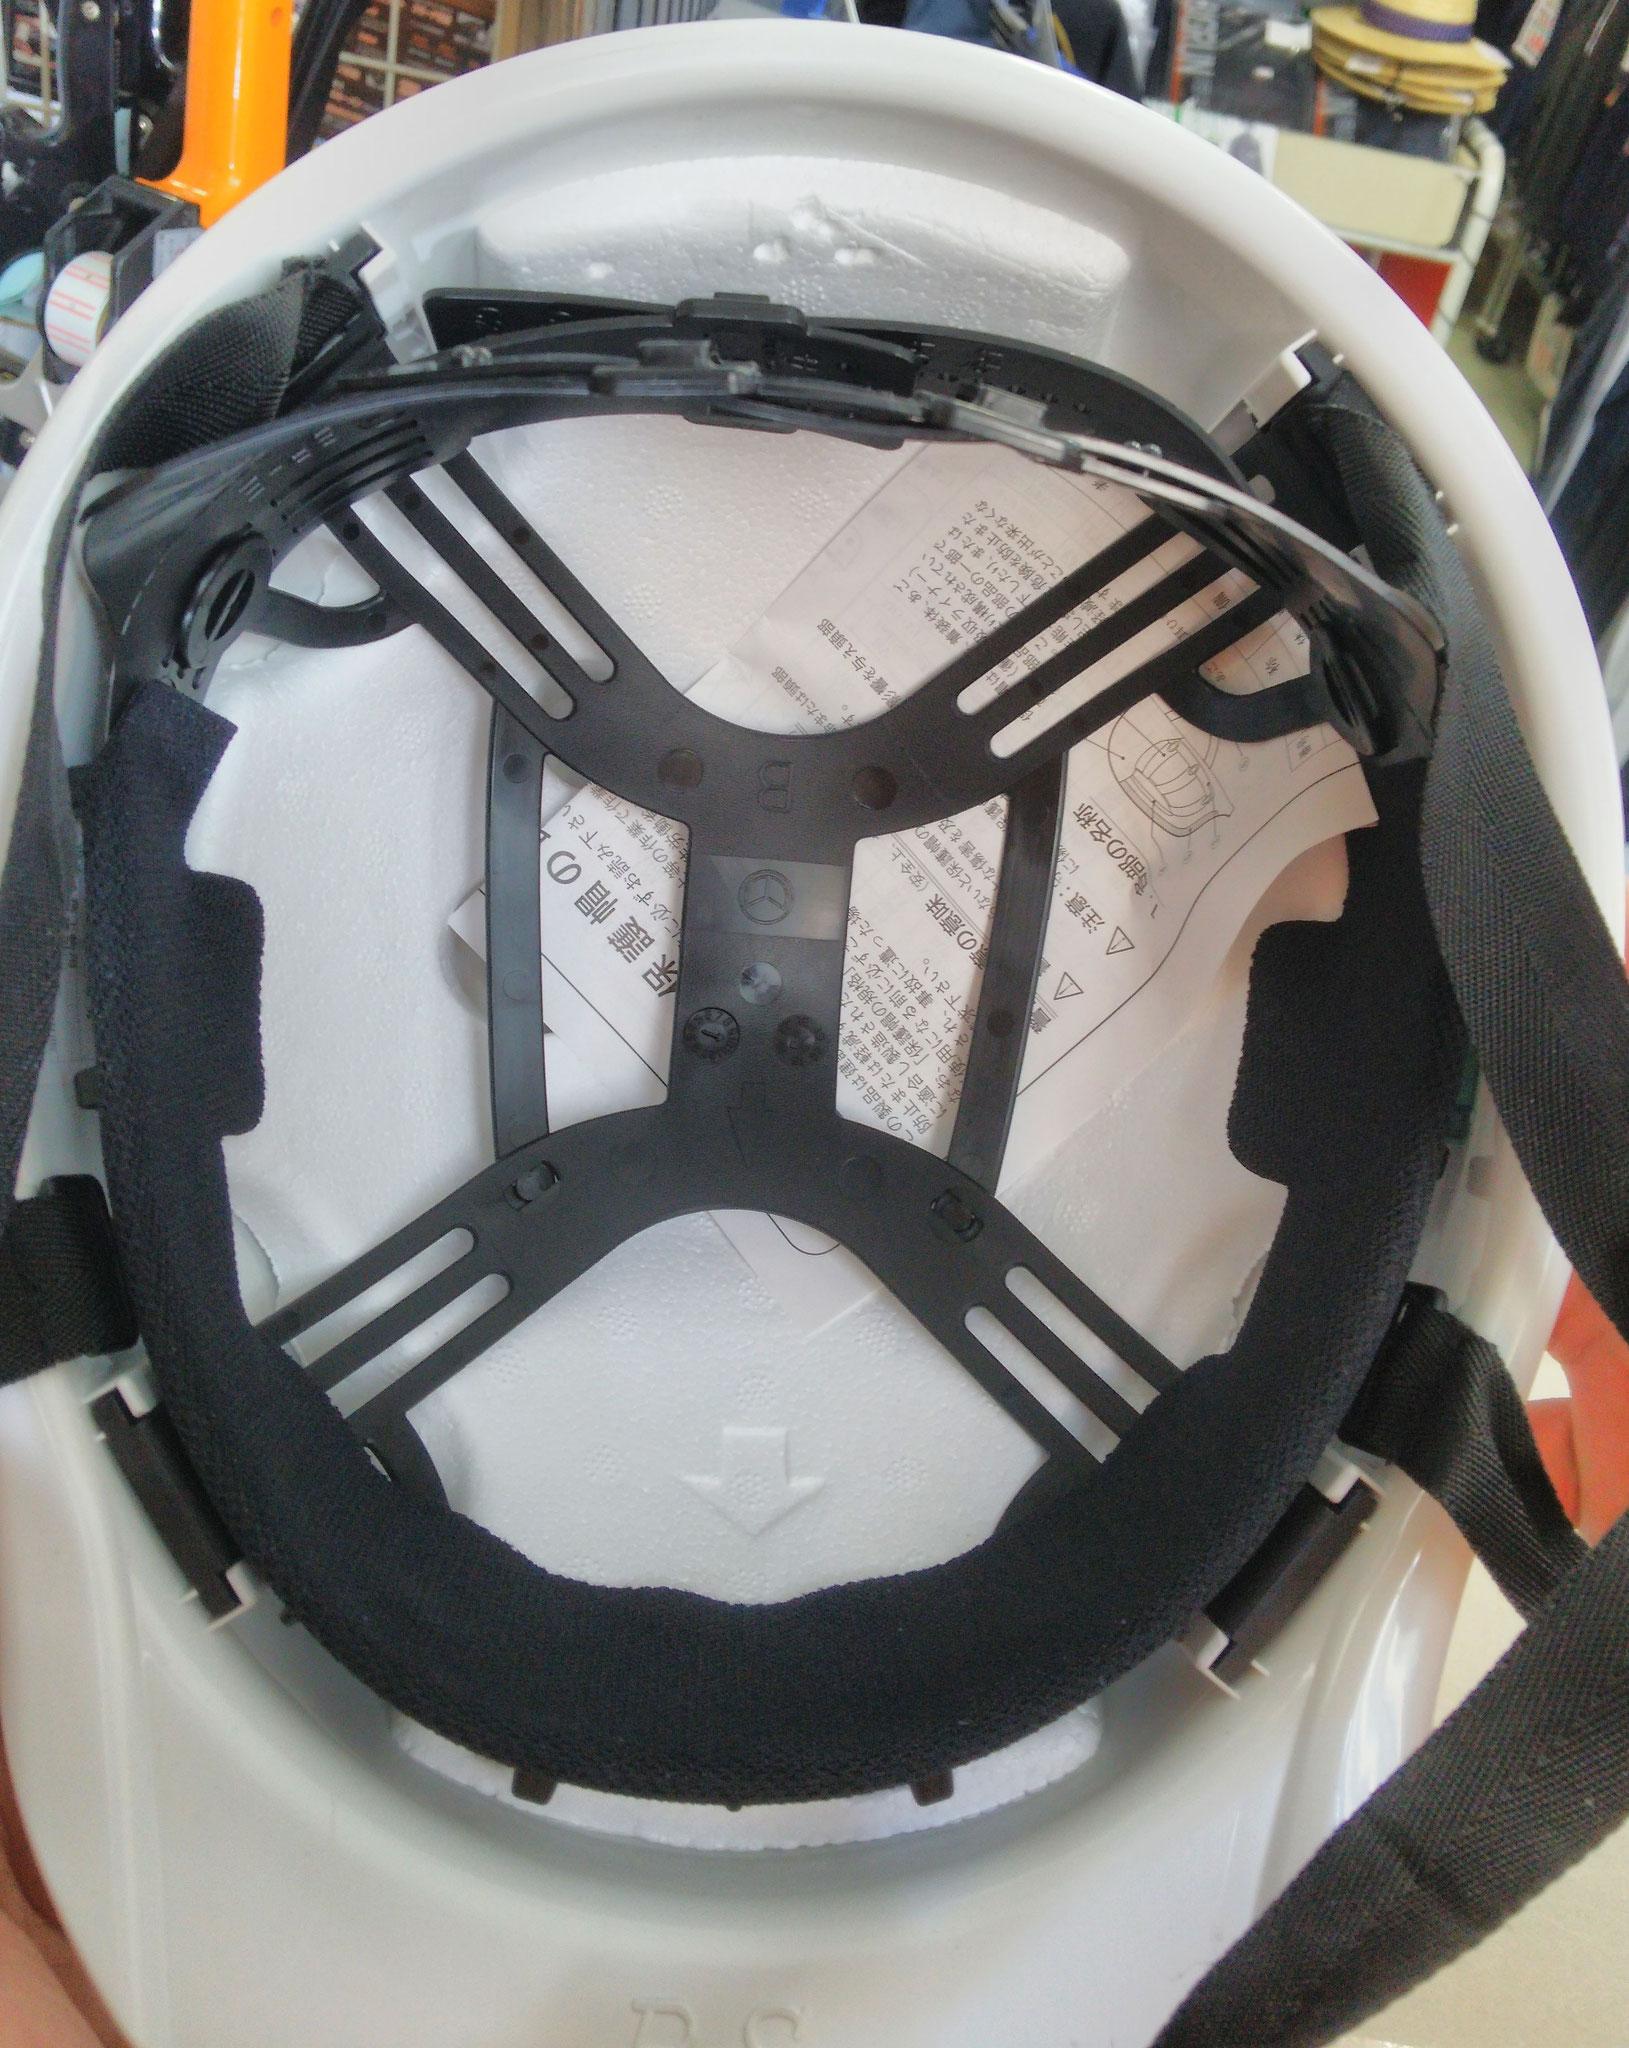 KAGAヘルメット アメリカン型BS-1Pライナー入 内装はシンプルです。